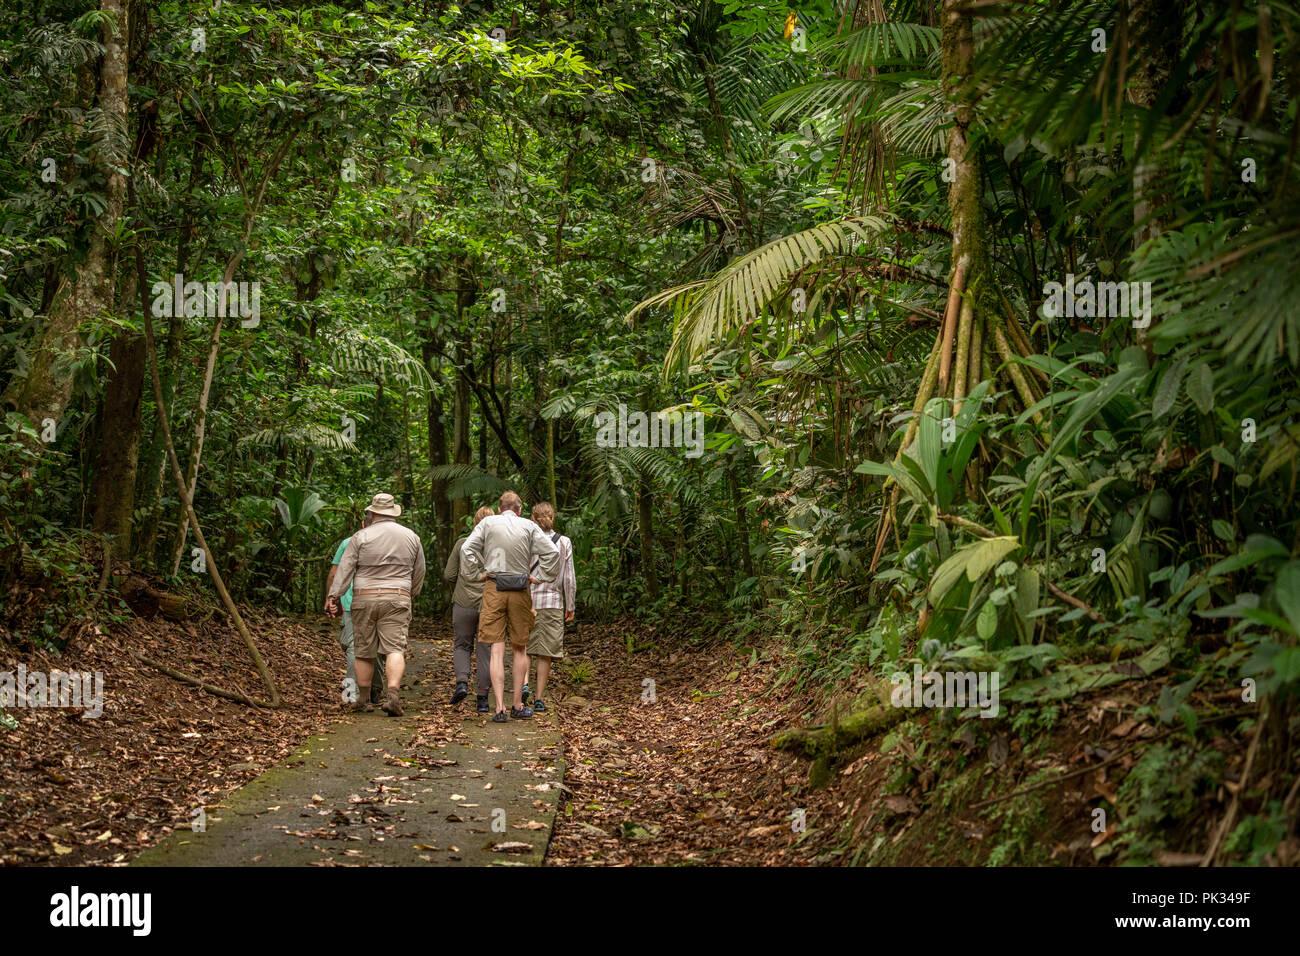 Los turistas, el Parque Nacional Volcán Tenorio, Costa Rica Imagen De Stock